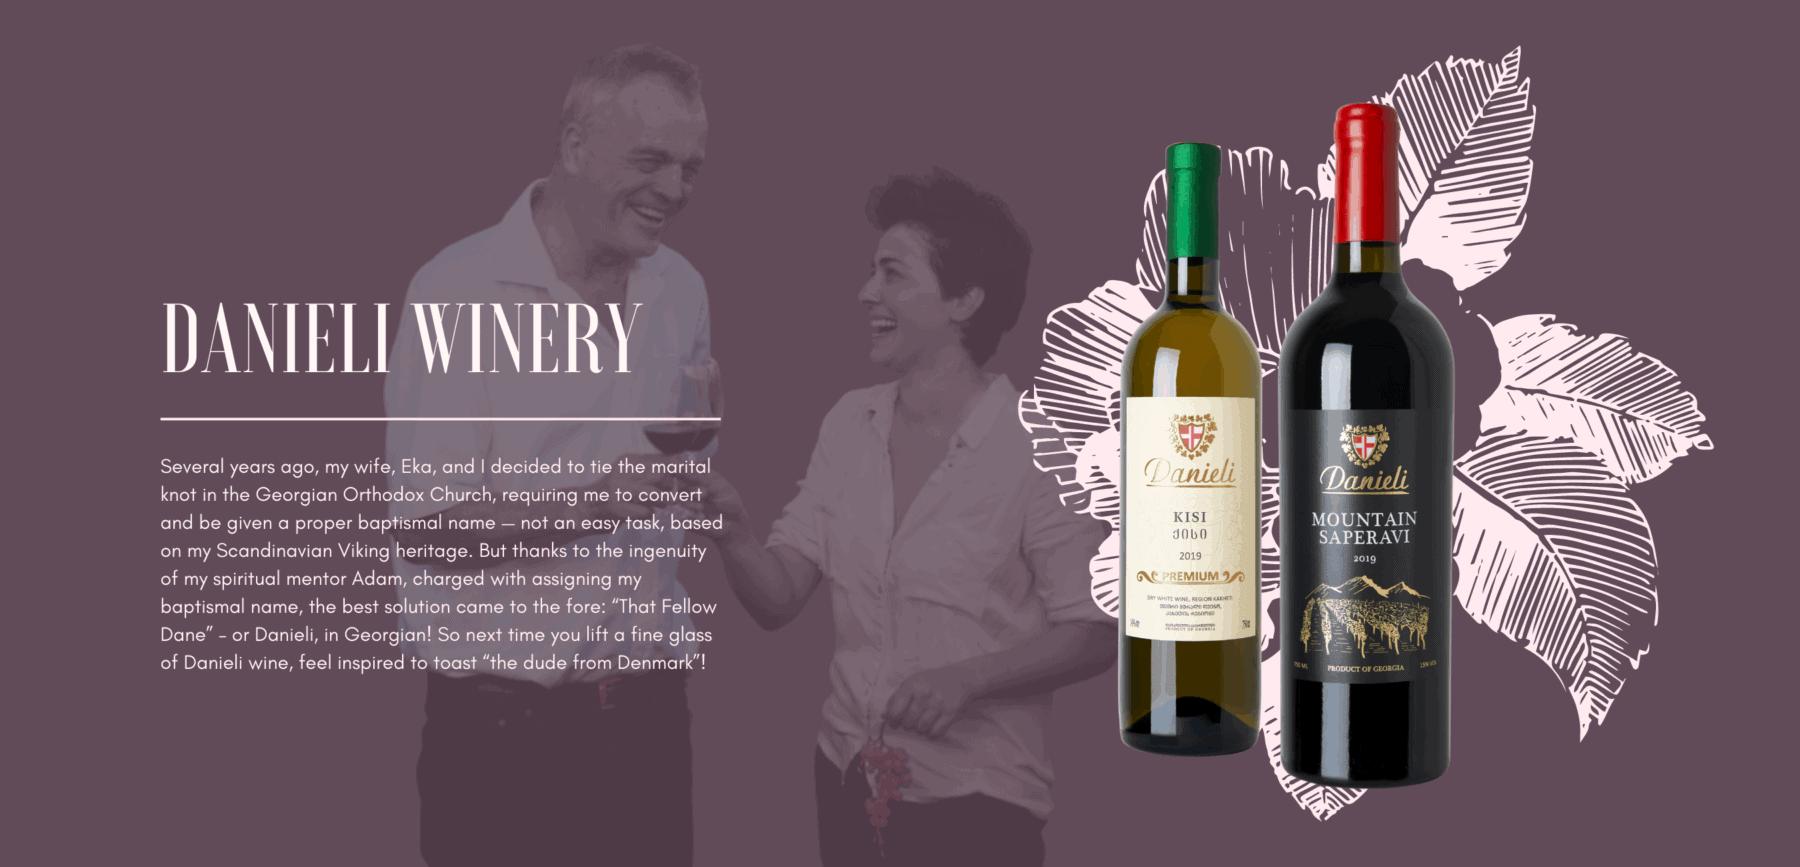 ღვინოს ქმნის ისტორია